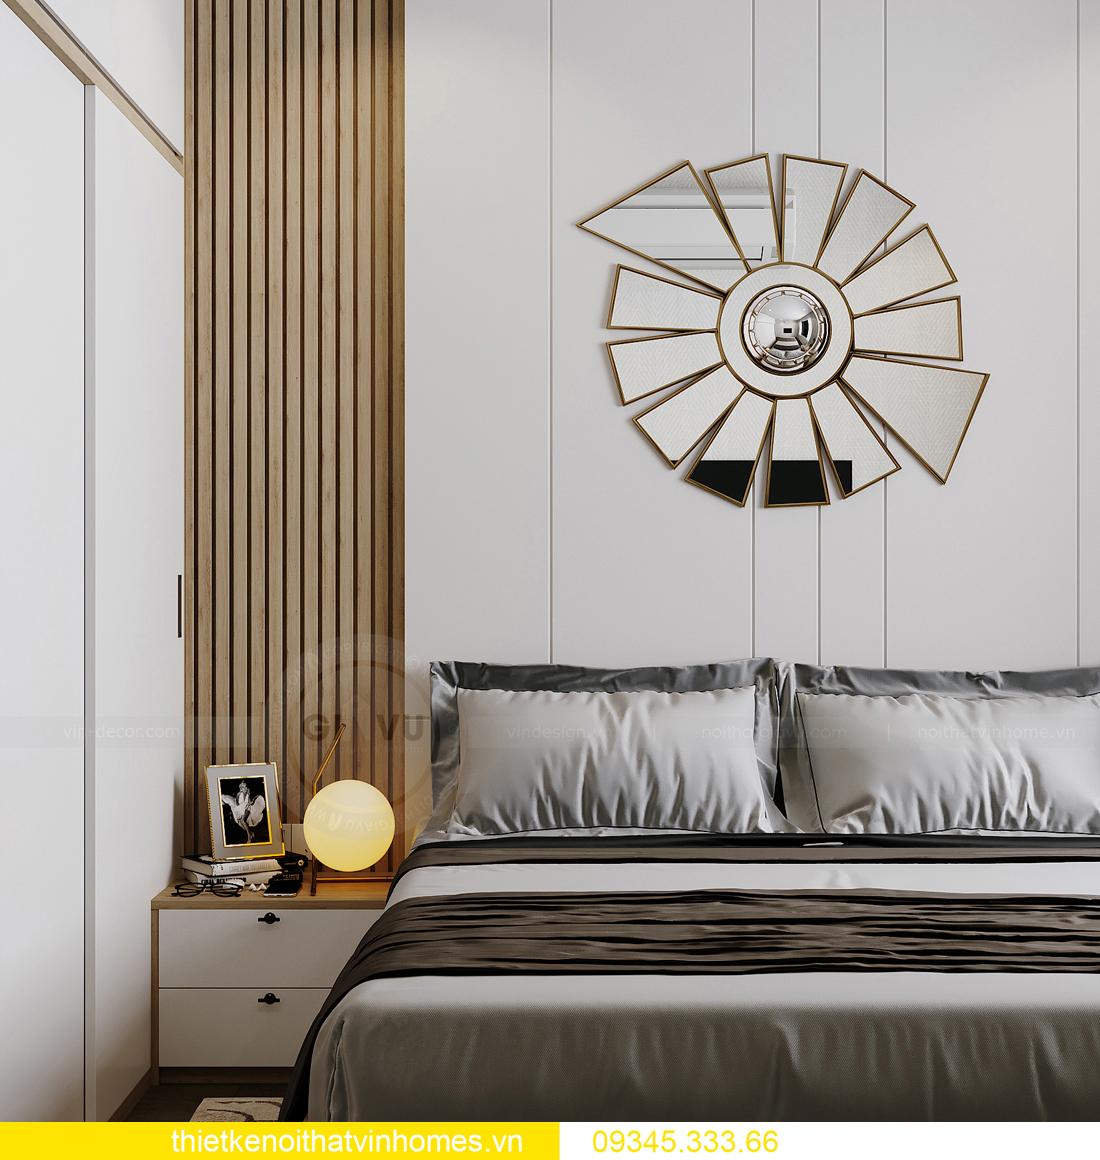 thiết kế nội thất căn hộ Vinhomes Smart City tòa S201 căn 03 9